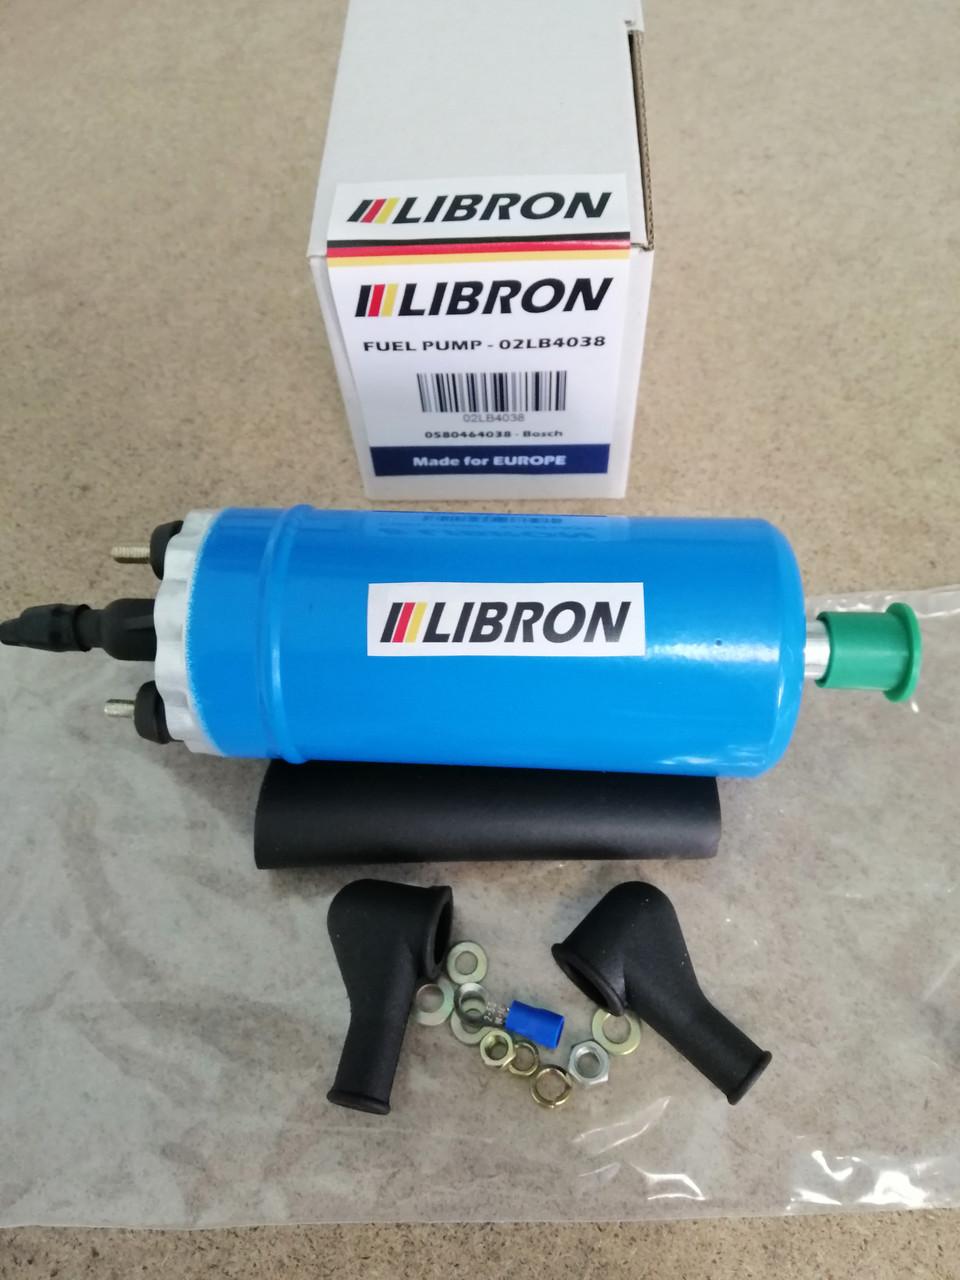 Топливный насос LIBRON 02LB4038 - JAGUAR XJ 12 5.3 (1986-1989)